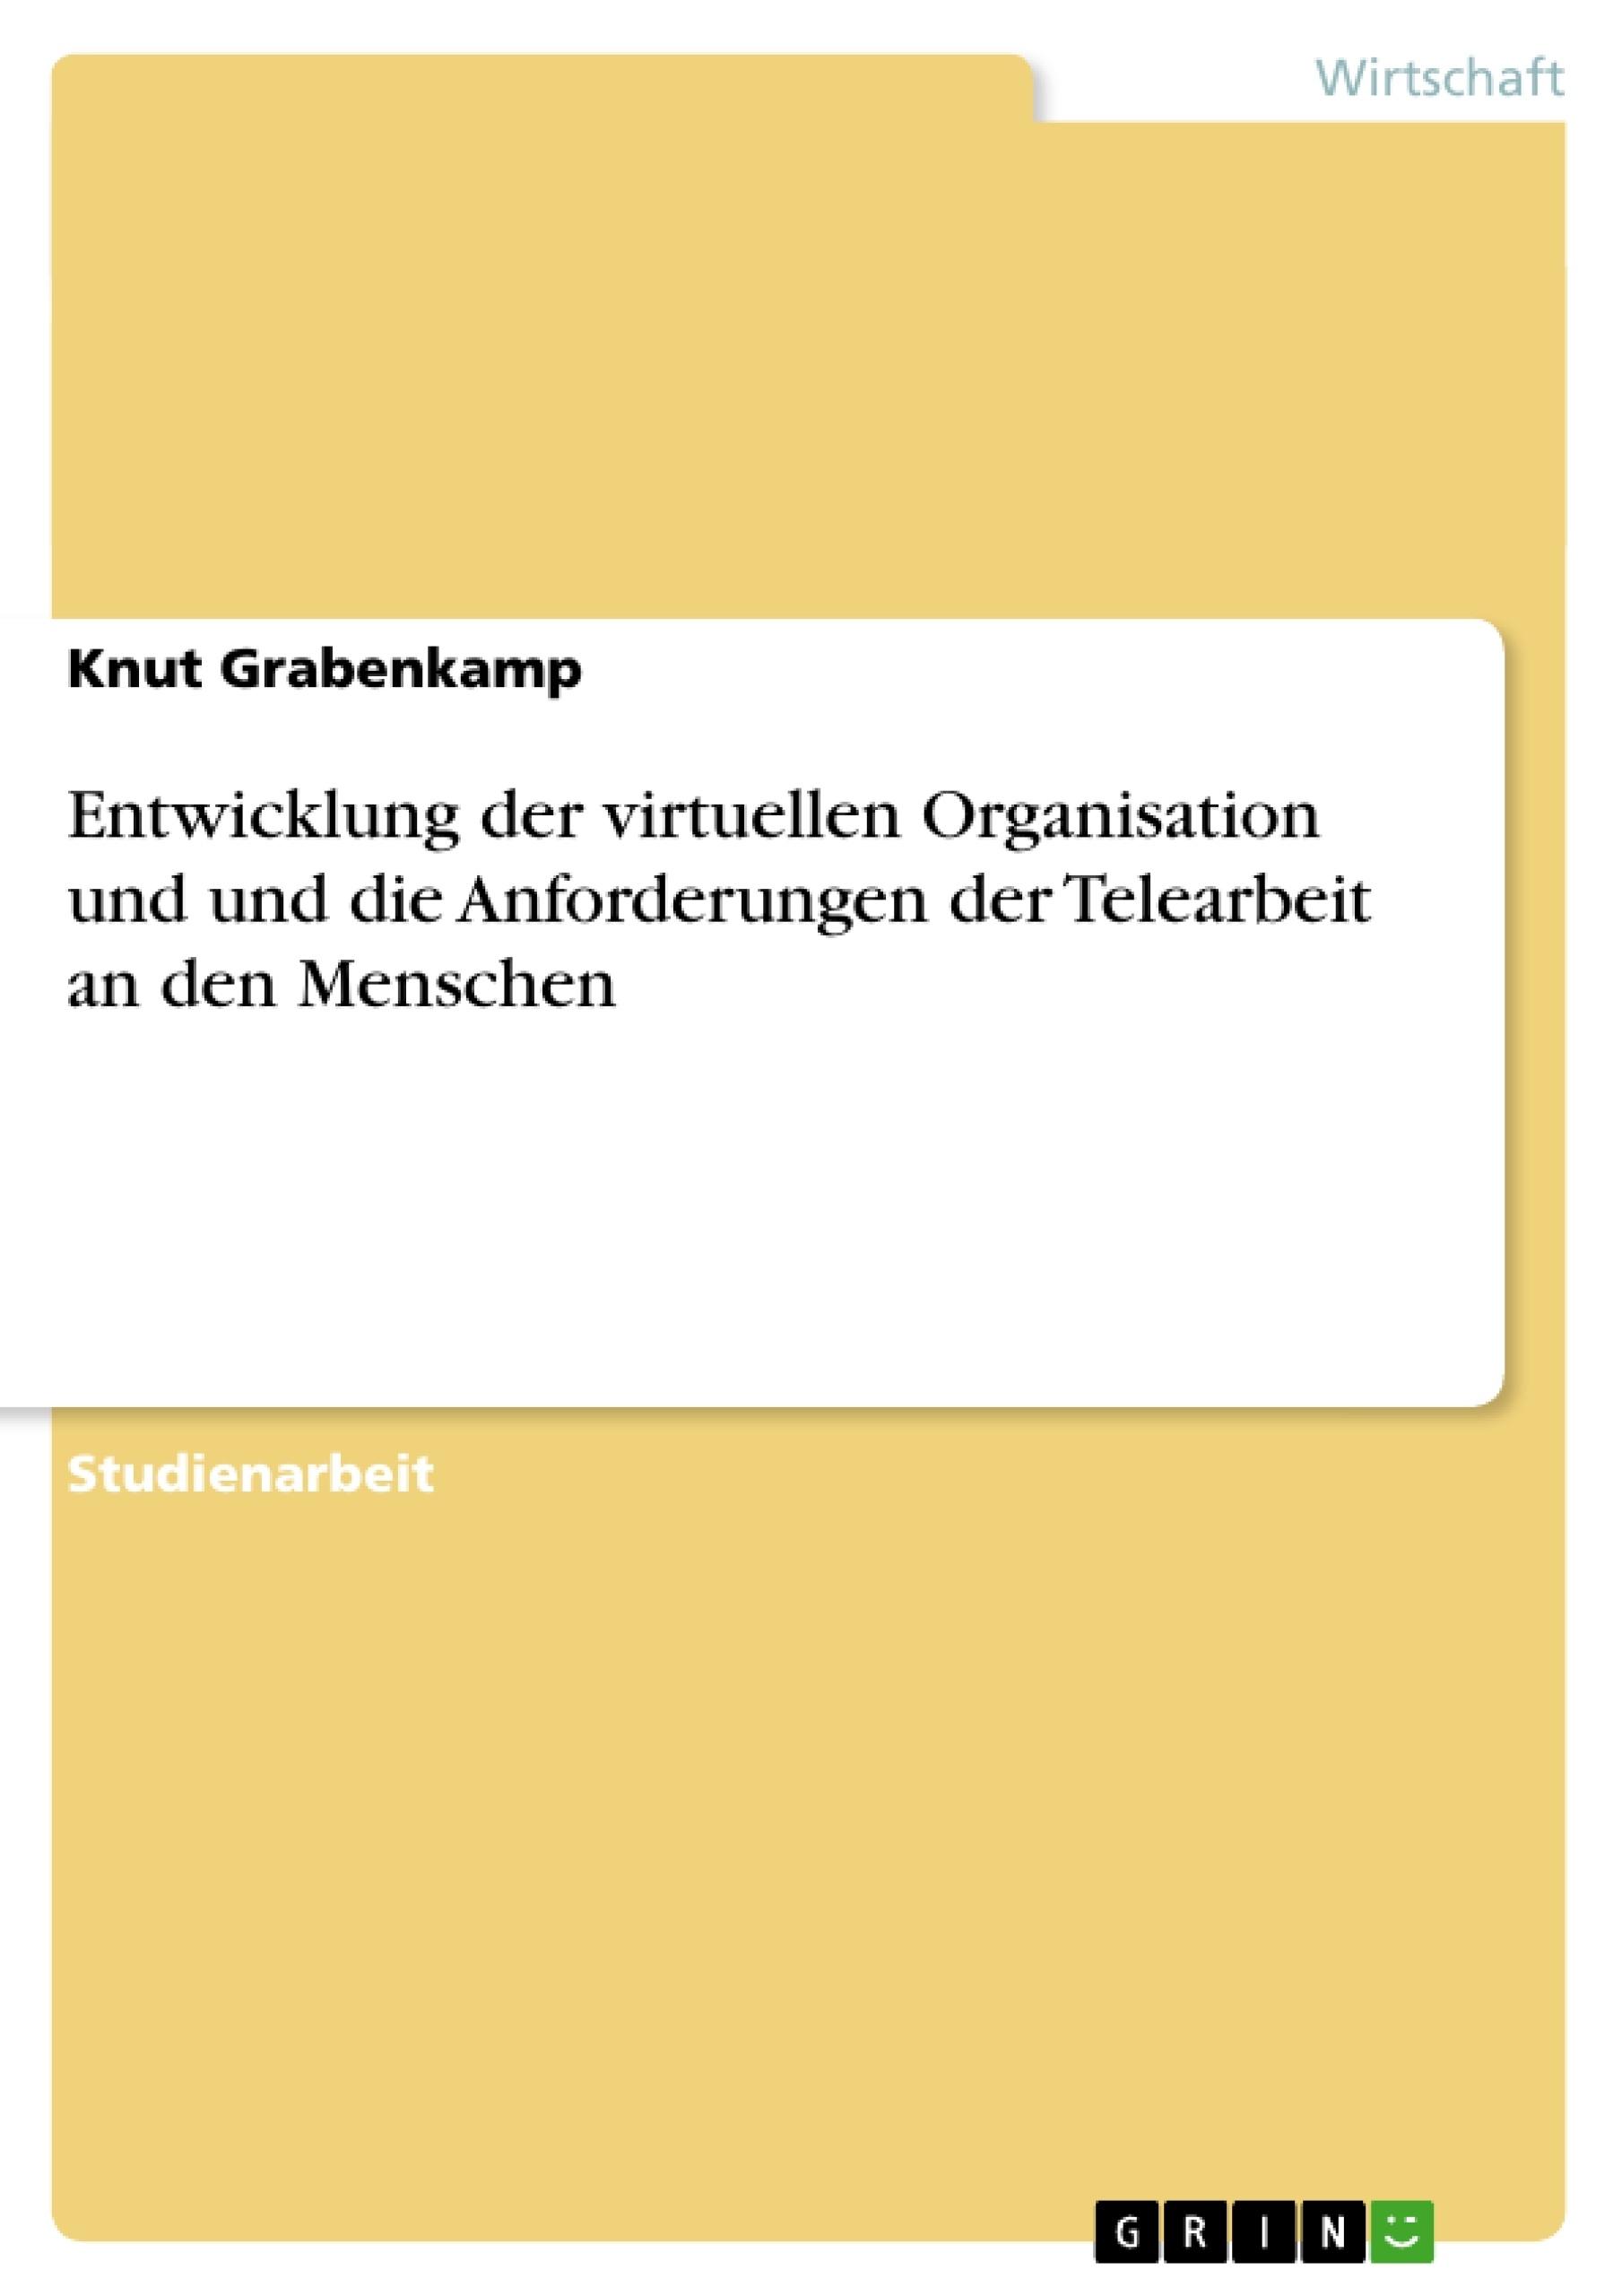 Titel: Entwicklung der virtuellen Organisation und und die Anforderungen der Telearbeit an den Menschen